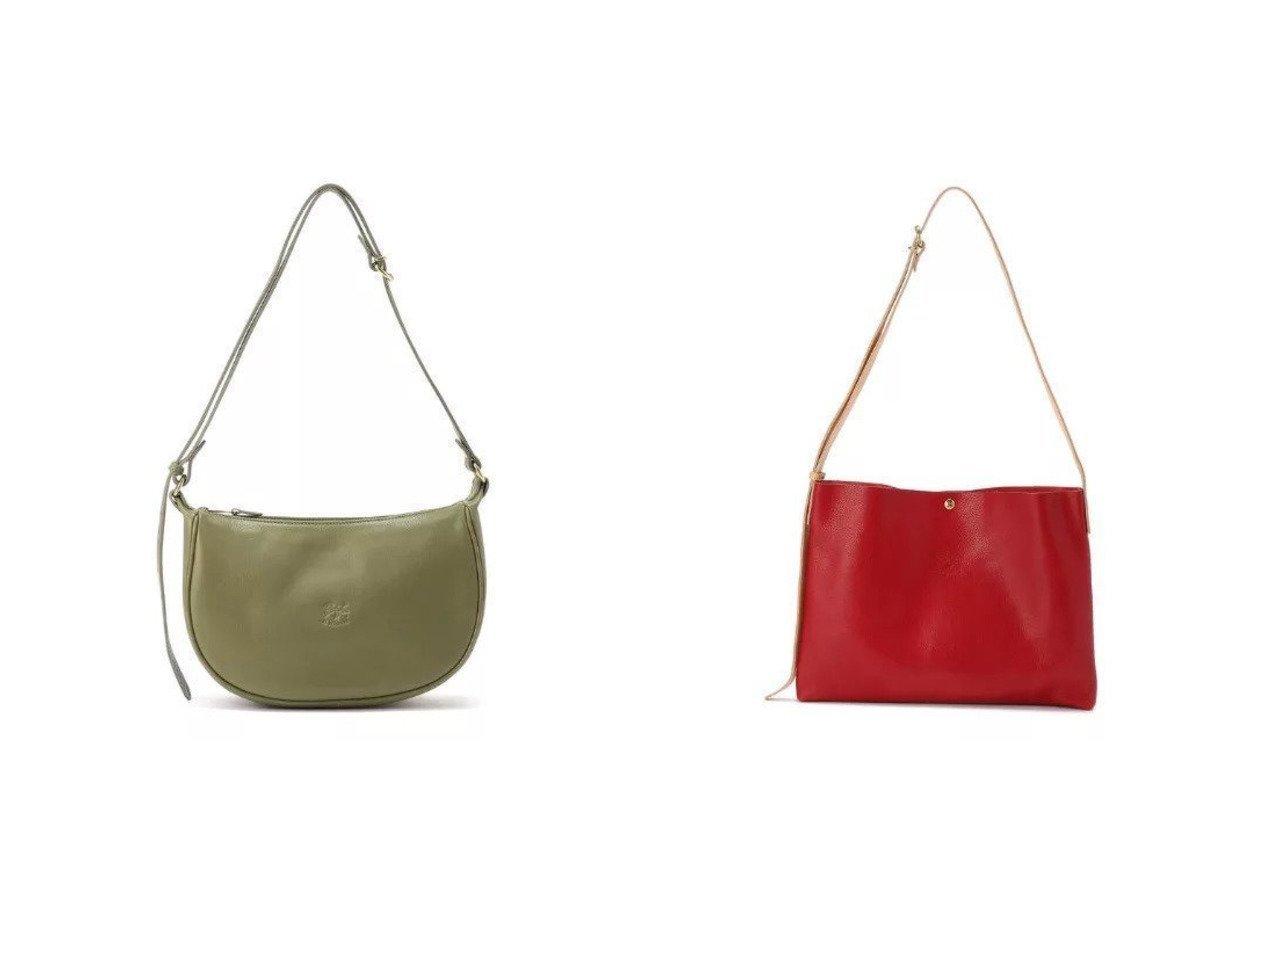 【IL BISONTE/イル ビゾンテ】のショルダーバッグ&ショルダーバッグ 【バッグ・鞄】おすすめ!人気、トレンド・レディースファッションの通販 おすすめで人気の流行・トレンド、ファッションの通販商品 インテリア・家具・メンズファッション・キッズファッション・レディースファッション・服の通販 founy(ファニー) https://founy.com/ ファッション Fashion レディースファッション WOMEN バッグ Bag ショルダー シンプル スクエア フォルム |ID:crp329100000067742